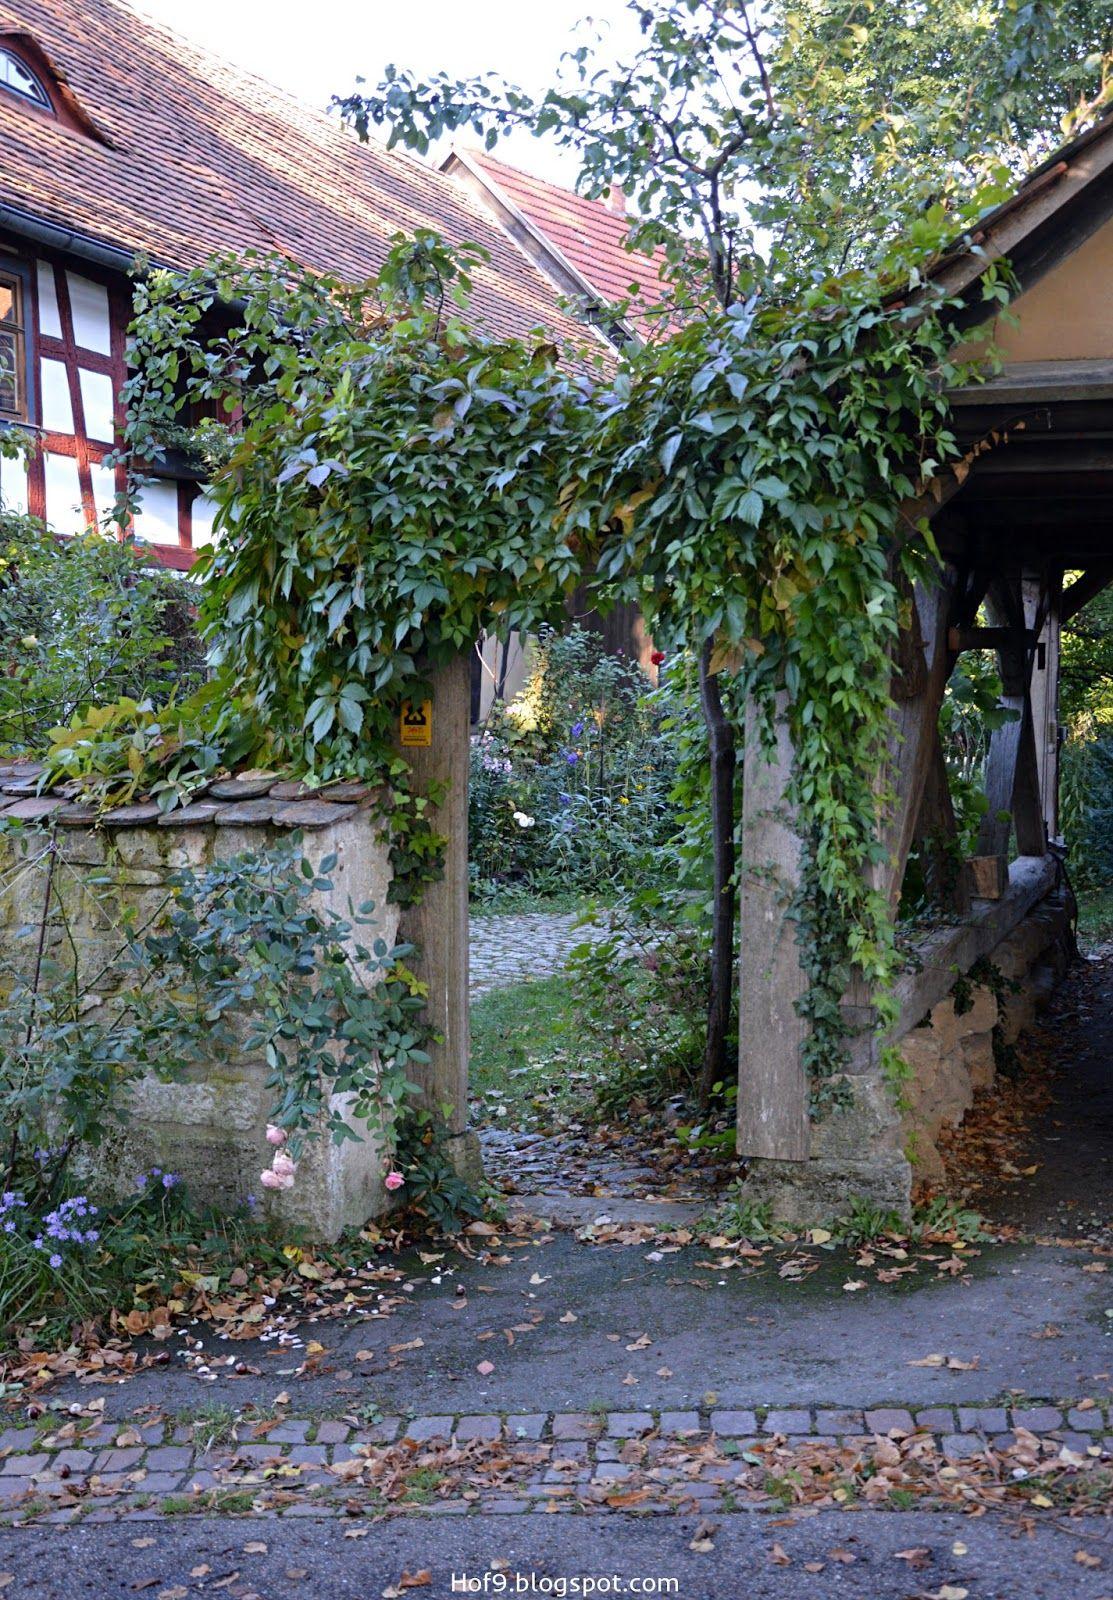 Naturnaher Bauerngarten Naturliche Gartendekoration Uber N Gartenzaun Geschaut Zu Nette Landliches Anwesen Fac Garten Bauernhof Garten Gotischer Garten